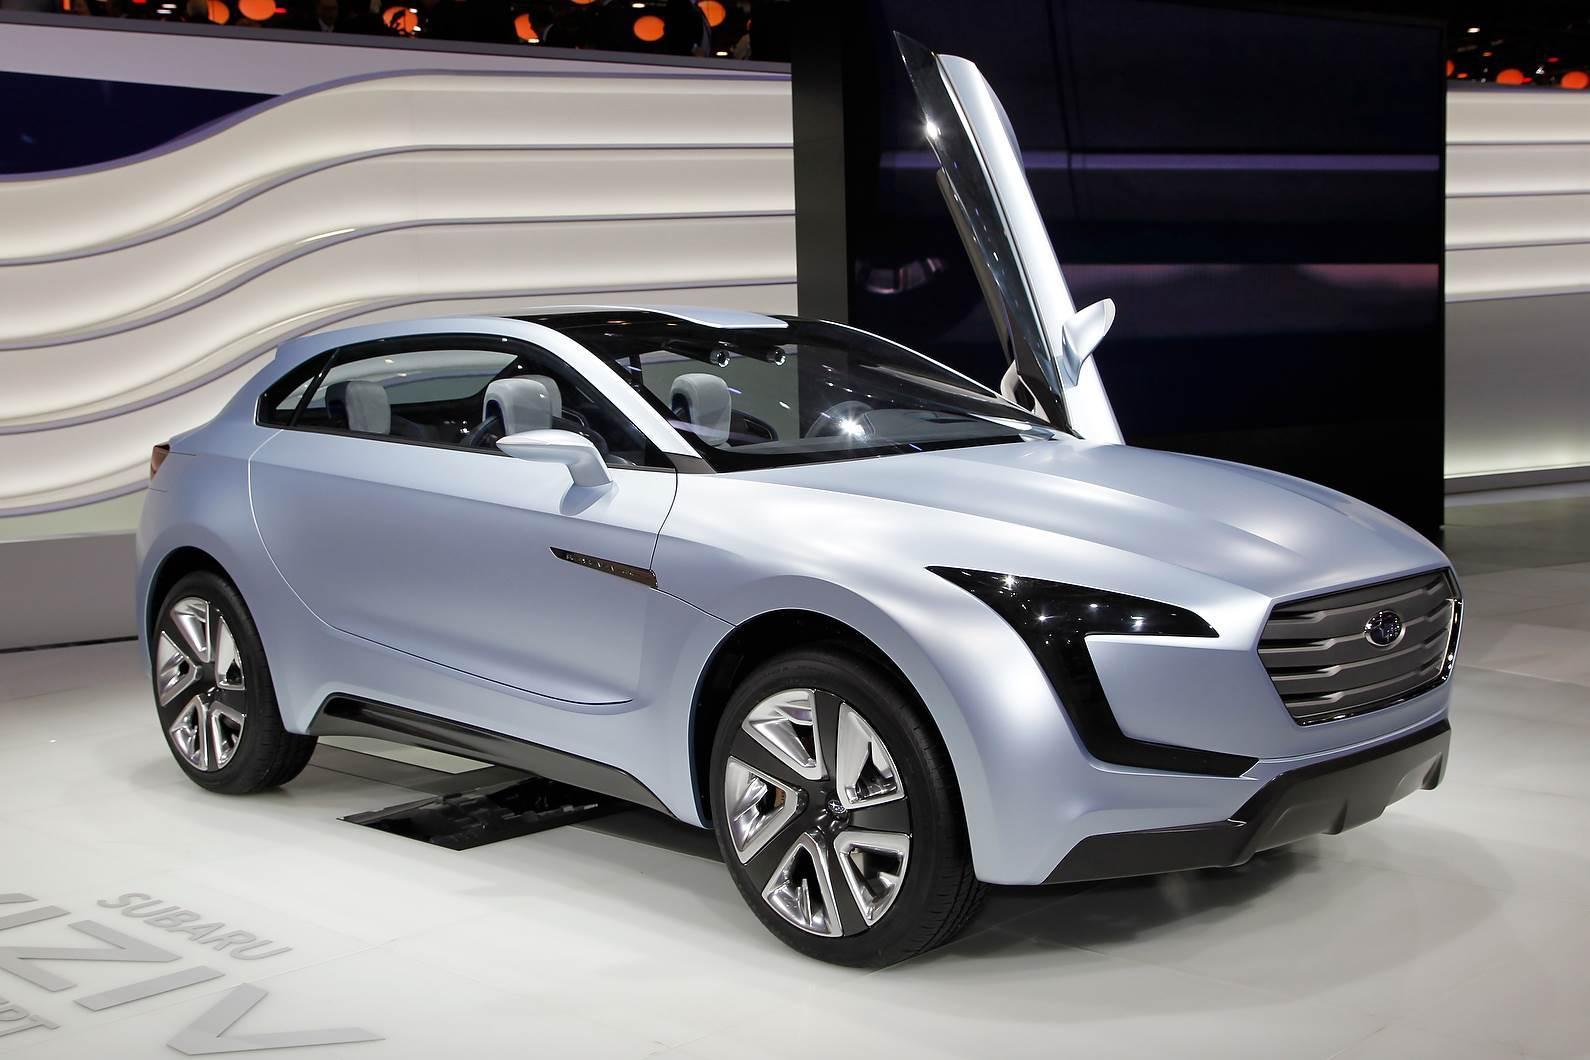 Geneva 2014: Subaru Viziv concept unveiled